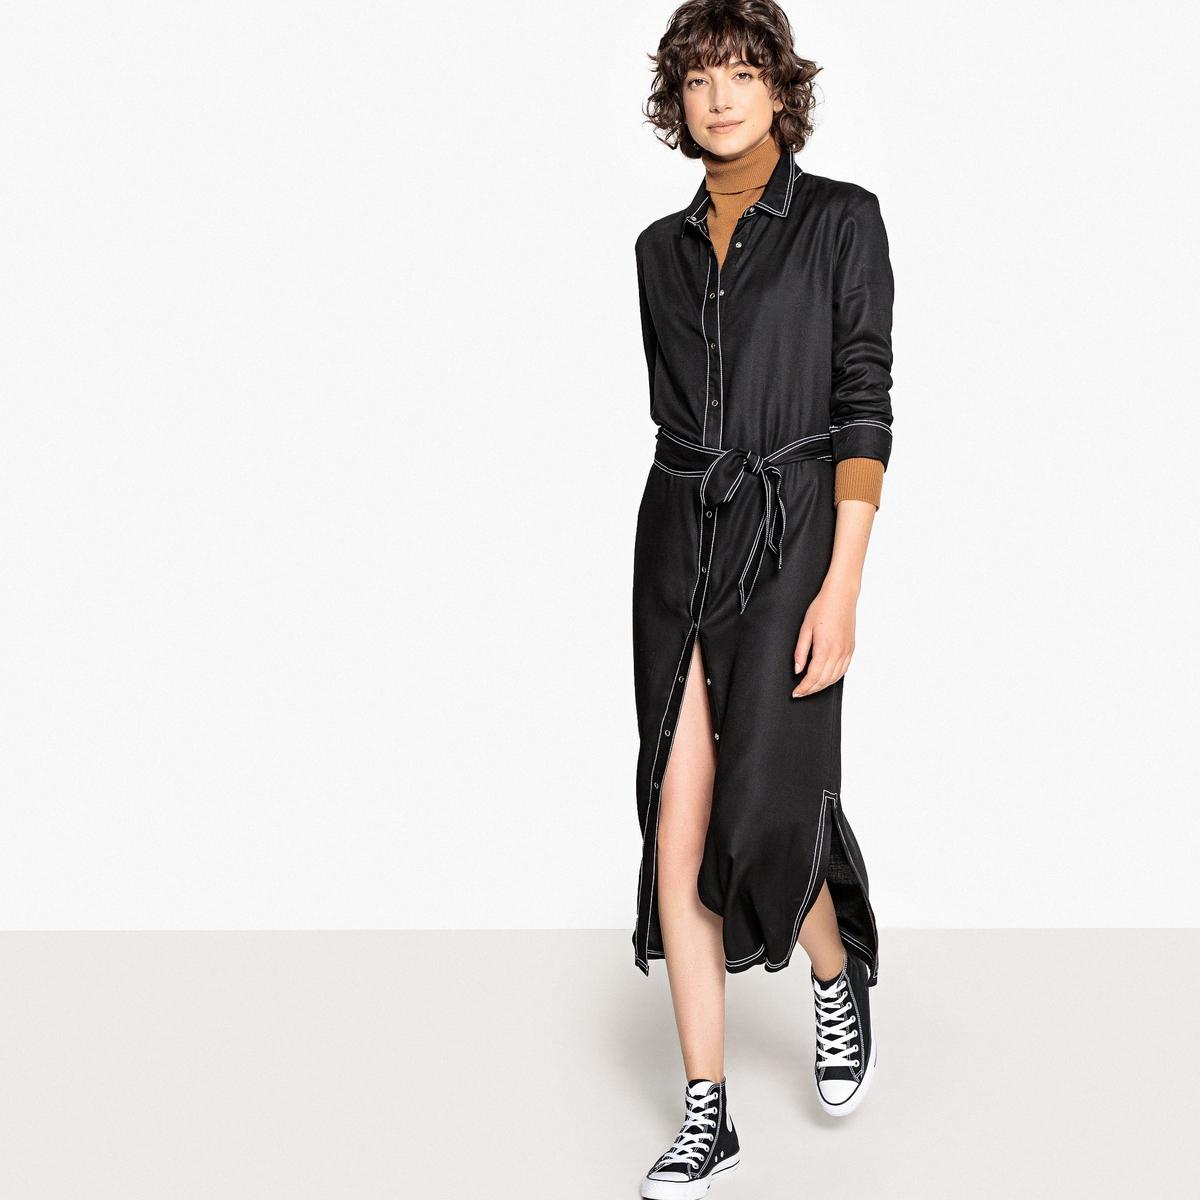 Vestido-camisa com cinto, mangas compridas